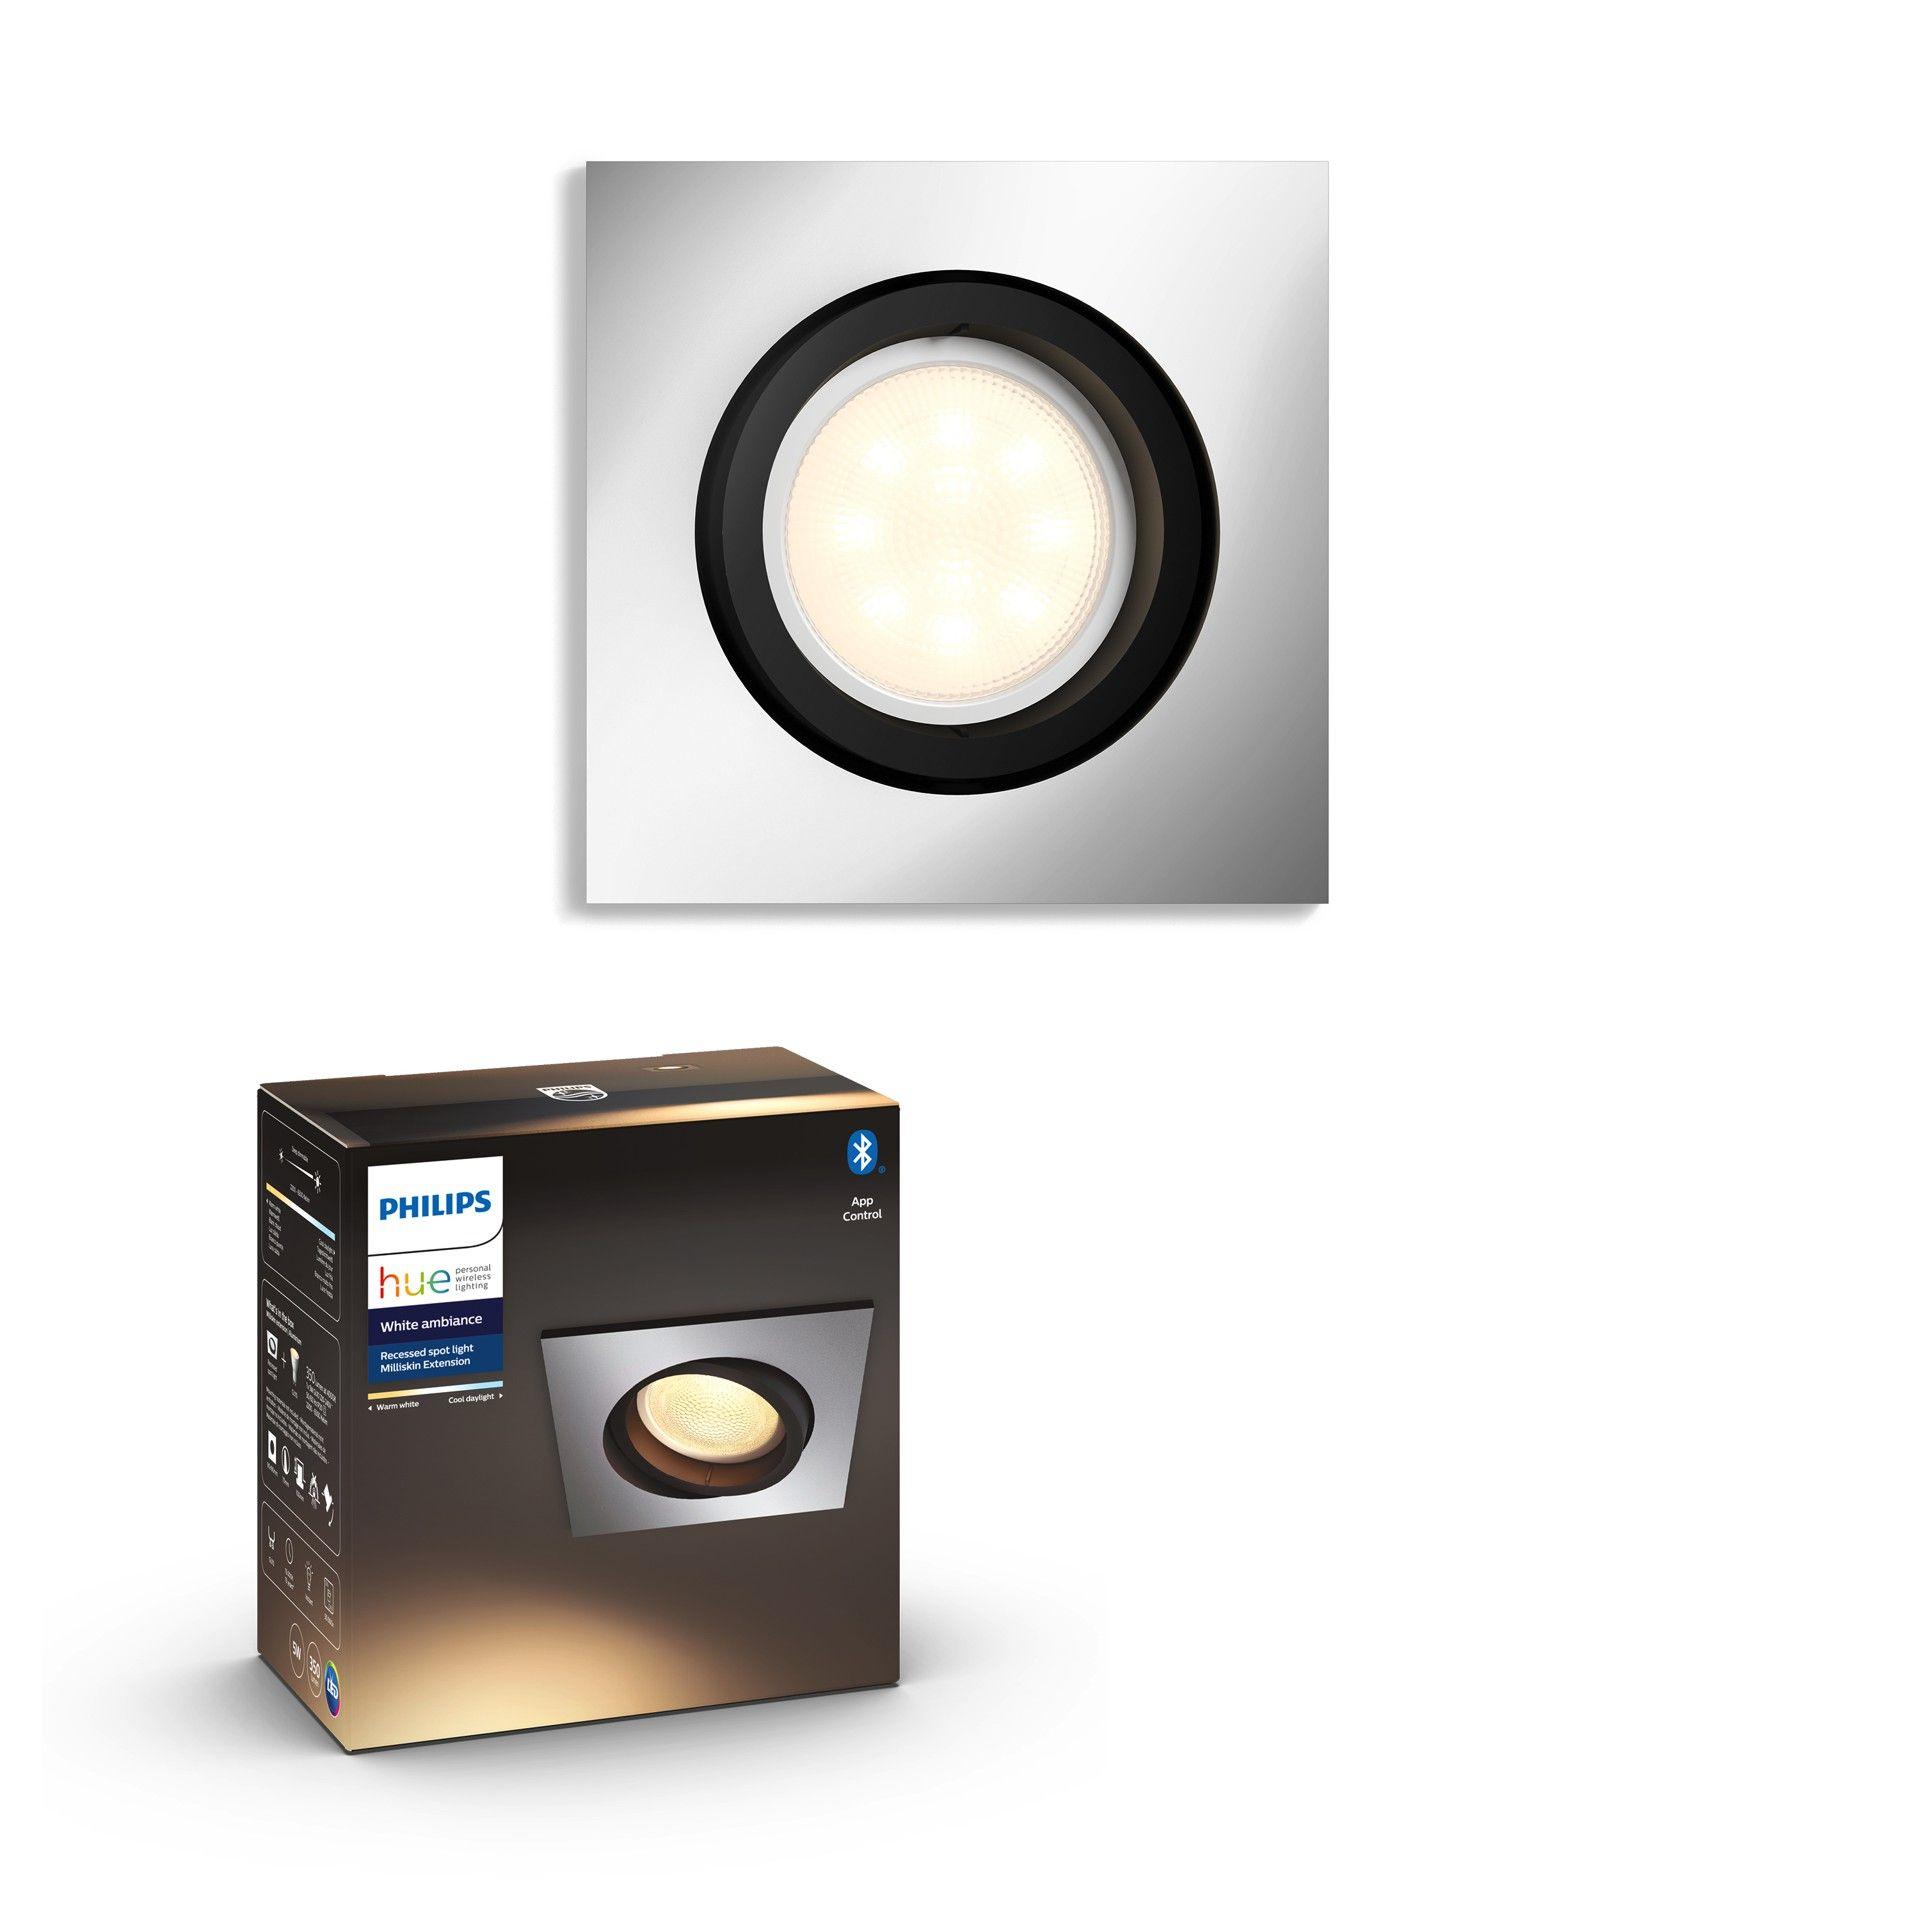 Philips Hue White Ambiance Einbauspot Milliskin Bluetooth